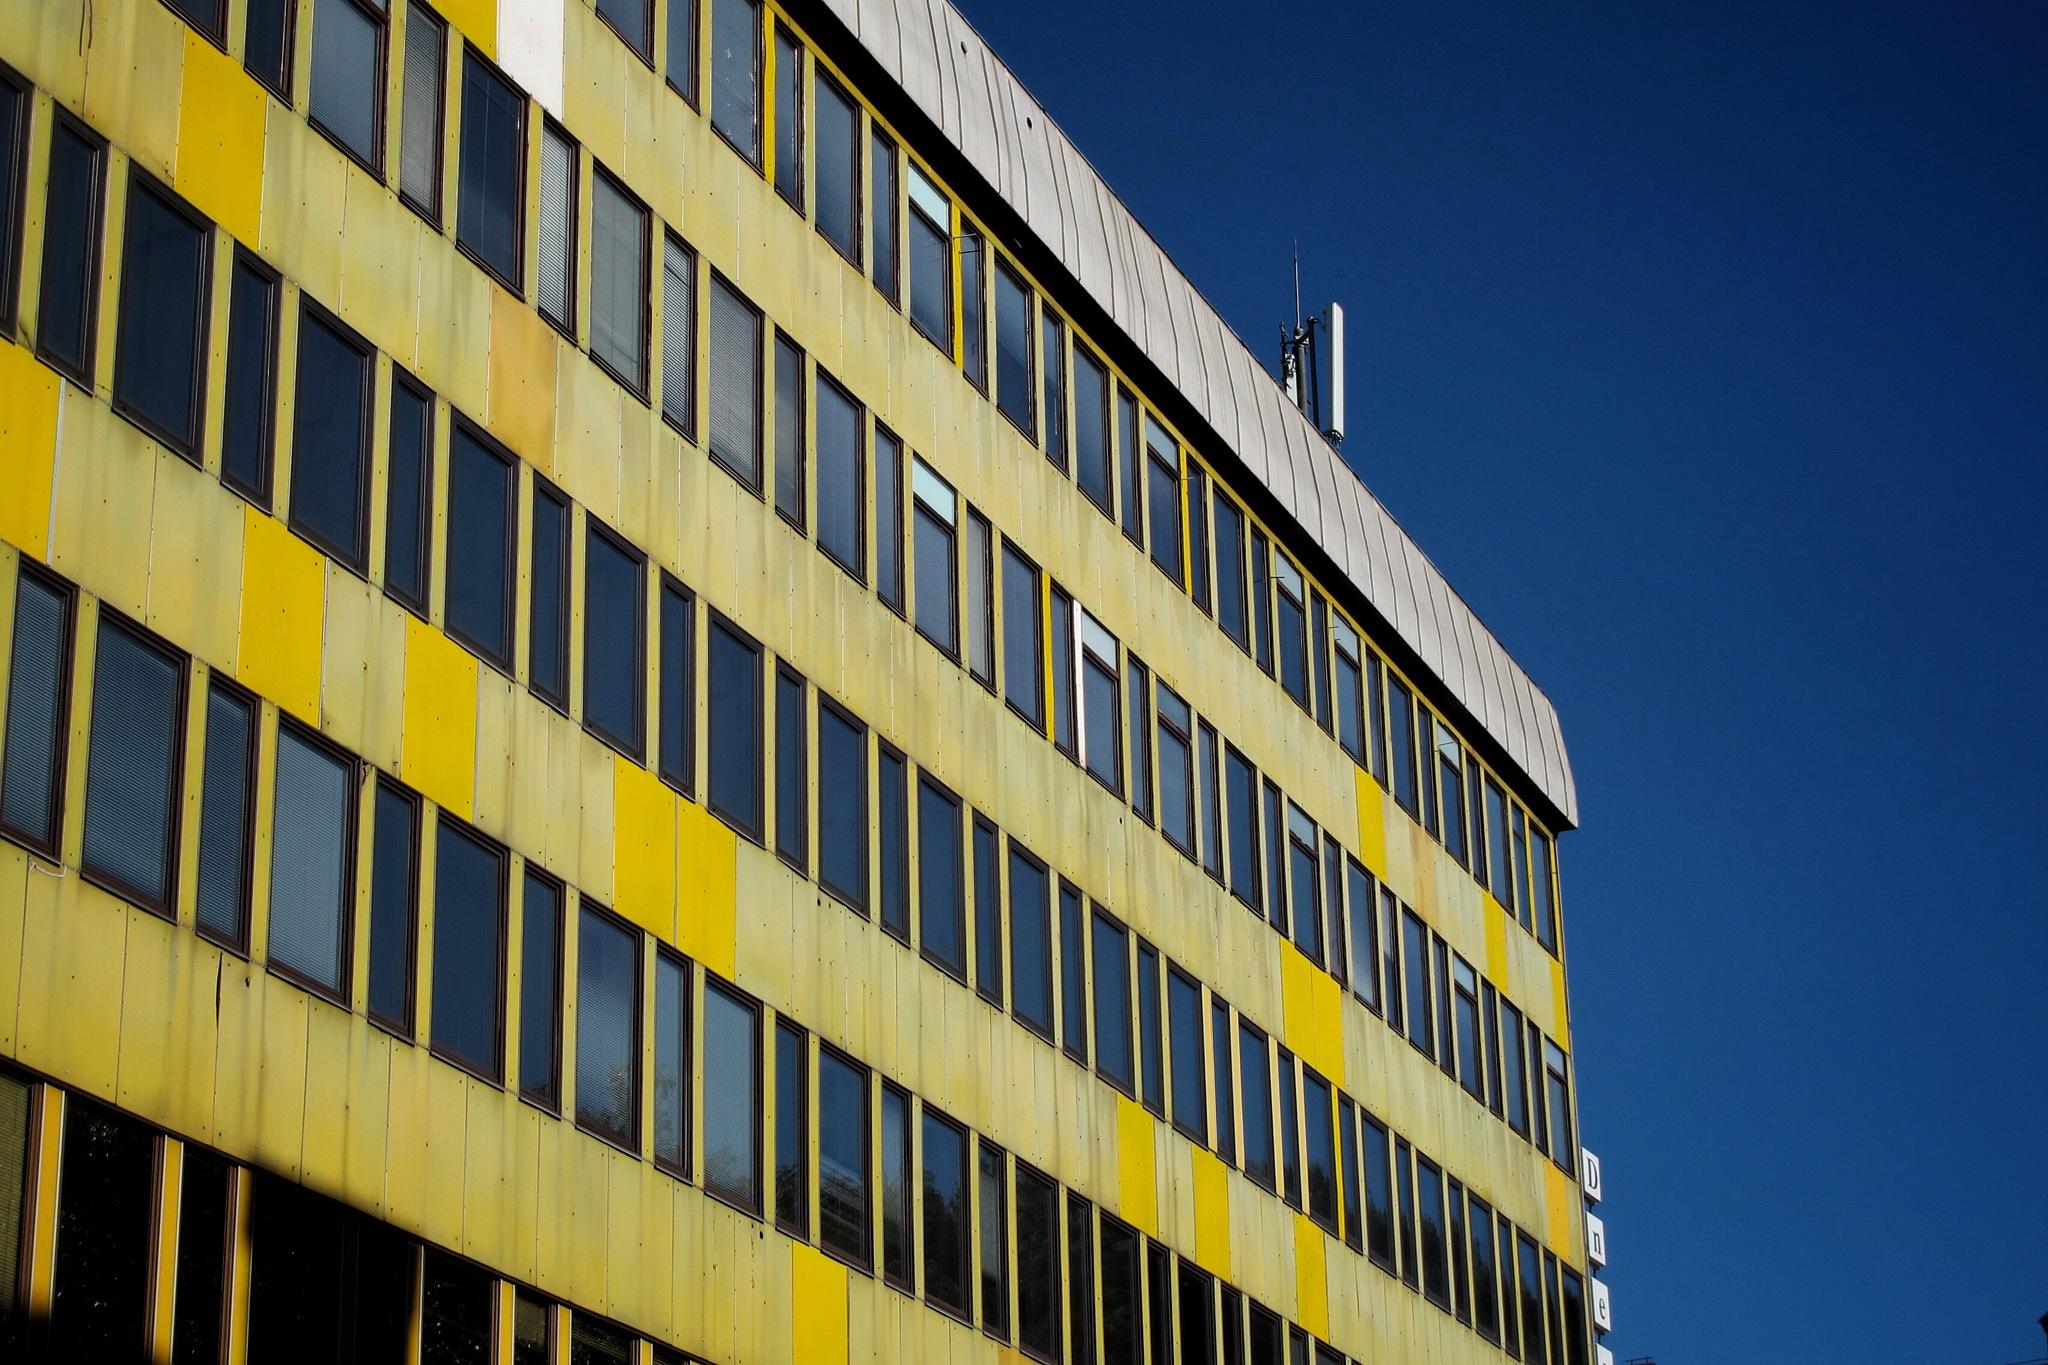 Yellow and blue by Sergio Deggiovanni